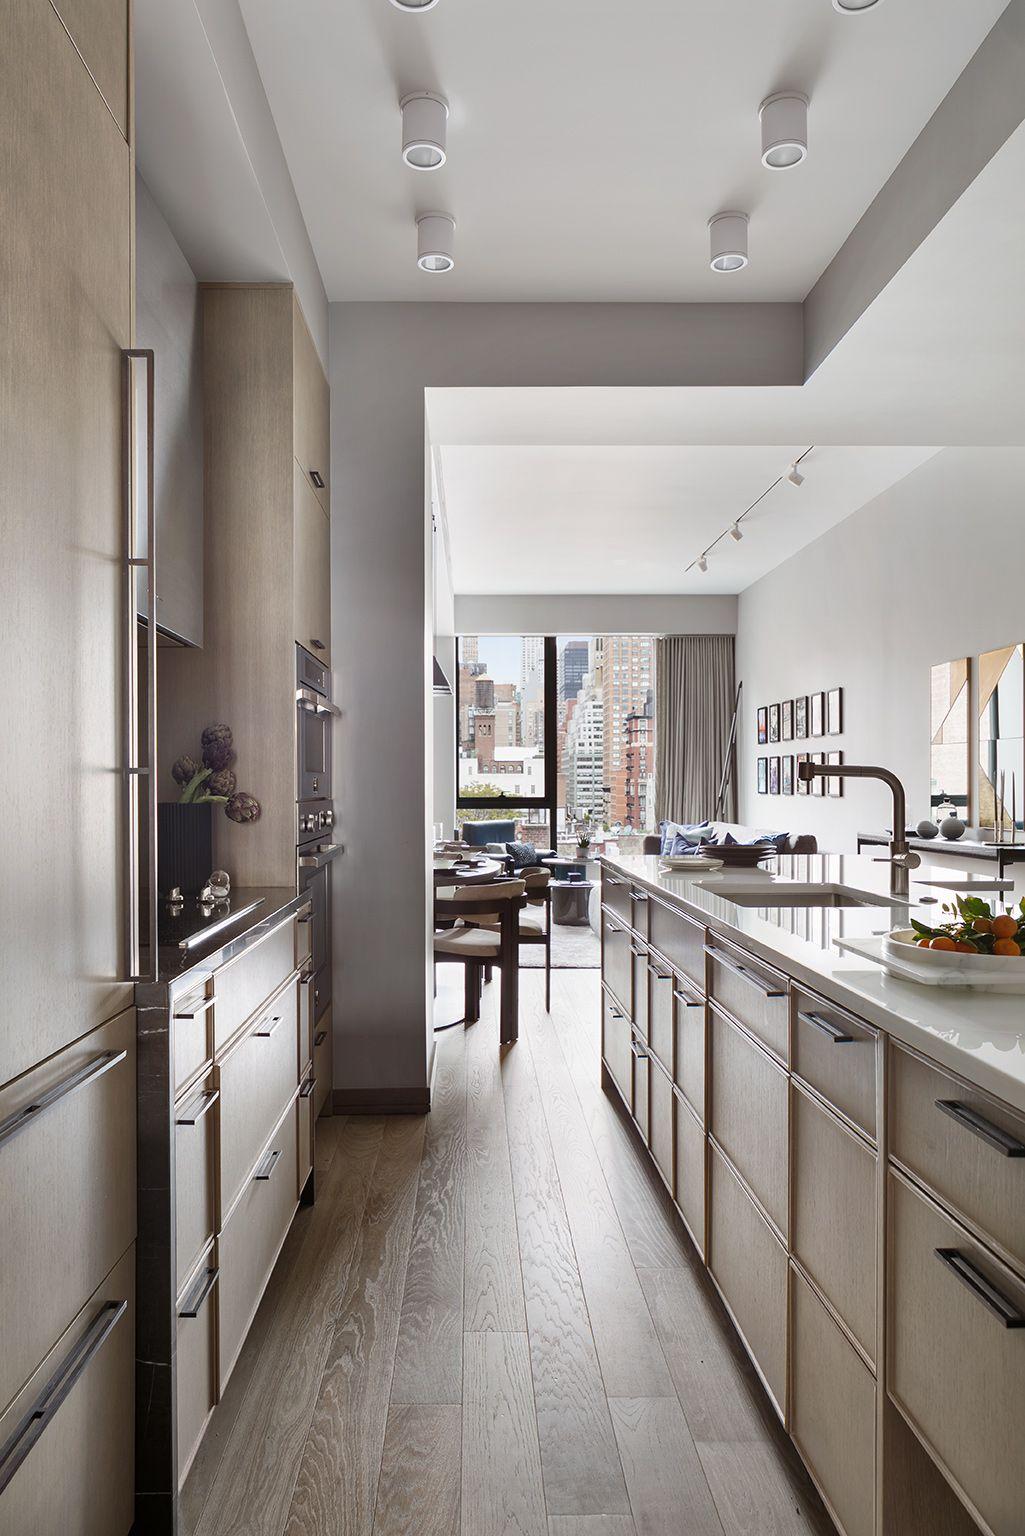 Marvelous Workshop APD Manhattan Kitchen, Galley Kitchens, Dream Kitchens, House  Goals, Building A